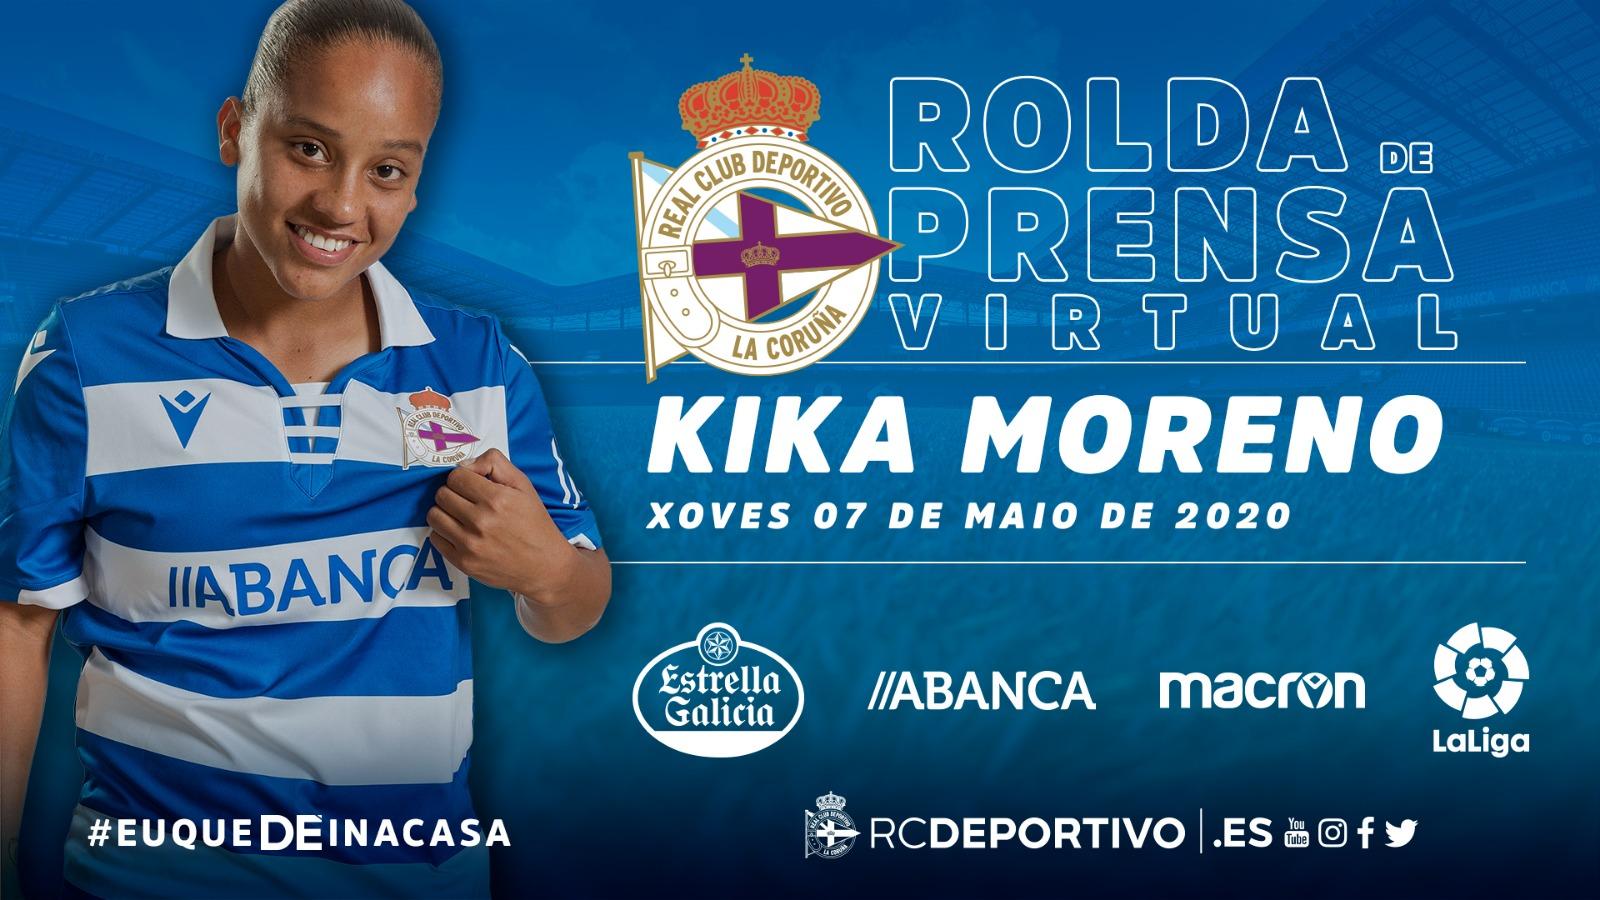 Kika en rolda de prensa virtual | RCD